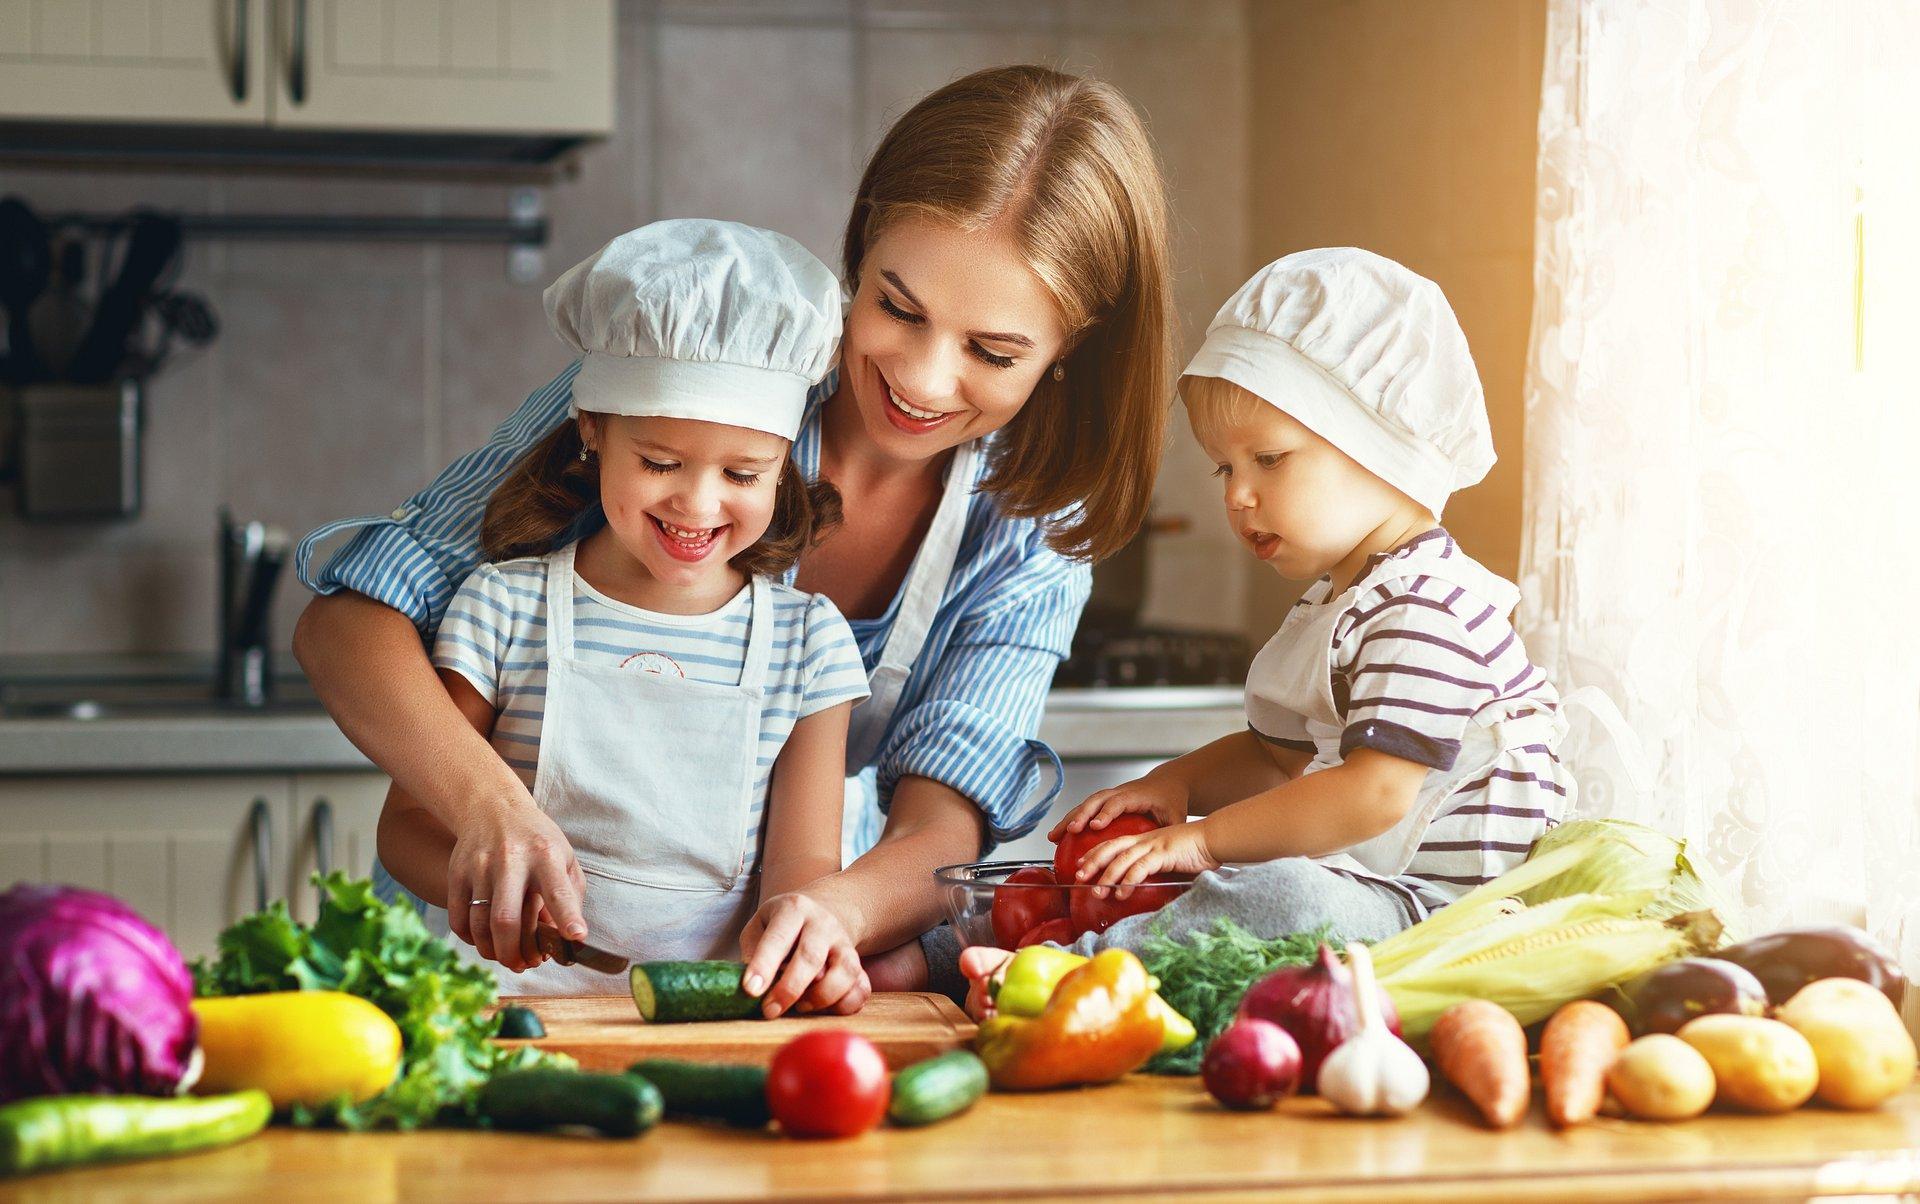 3 nawyki żywieniowe, które warto wprowadzić do diety Twojego dziecka, aby cieszyło się zdrowiem i odpornością